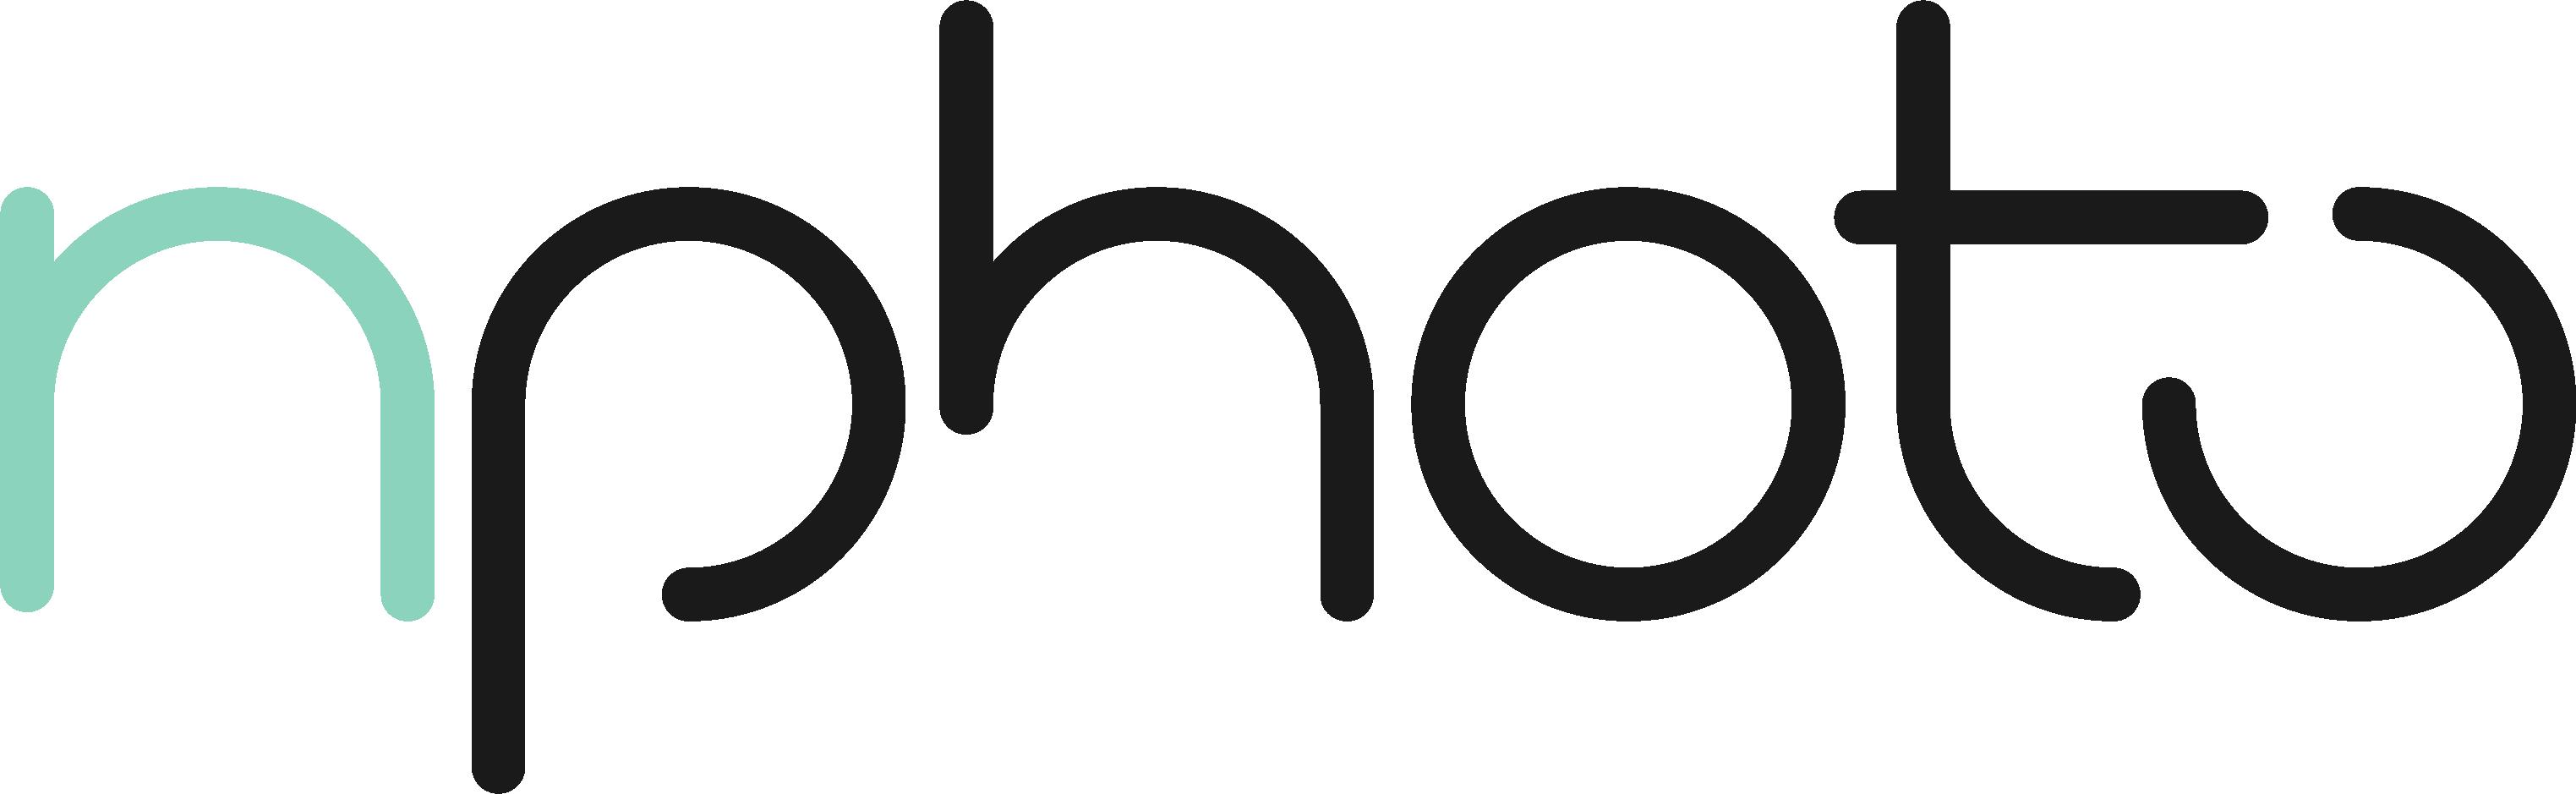 nPhoto Labs